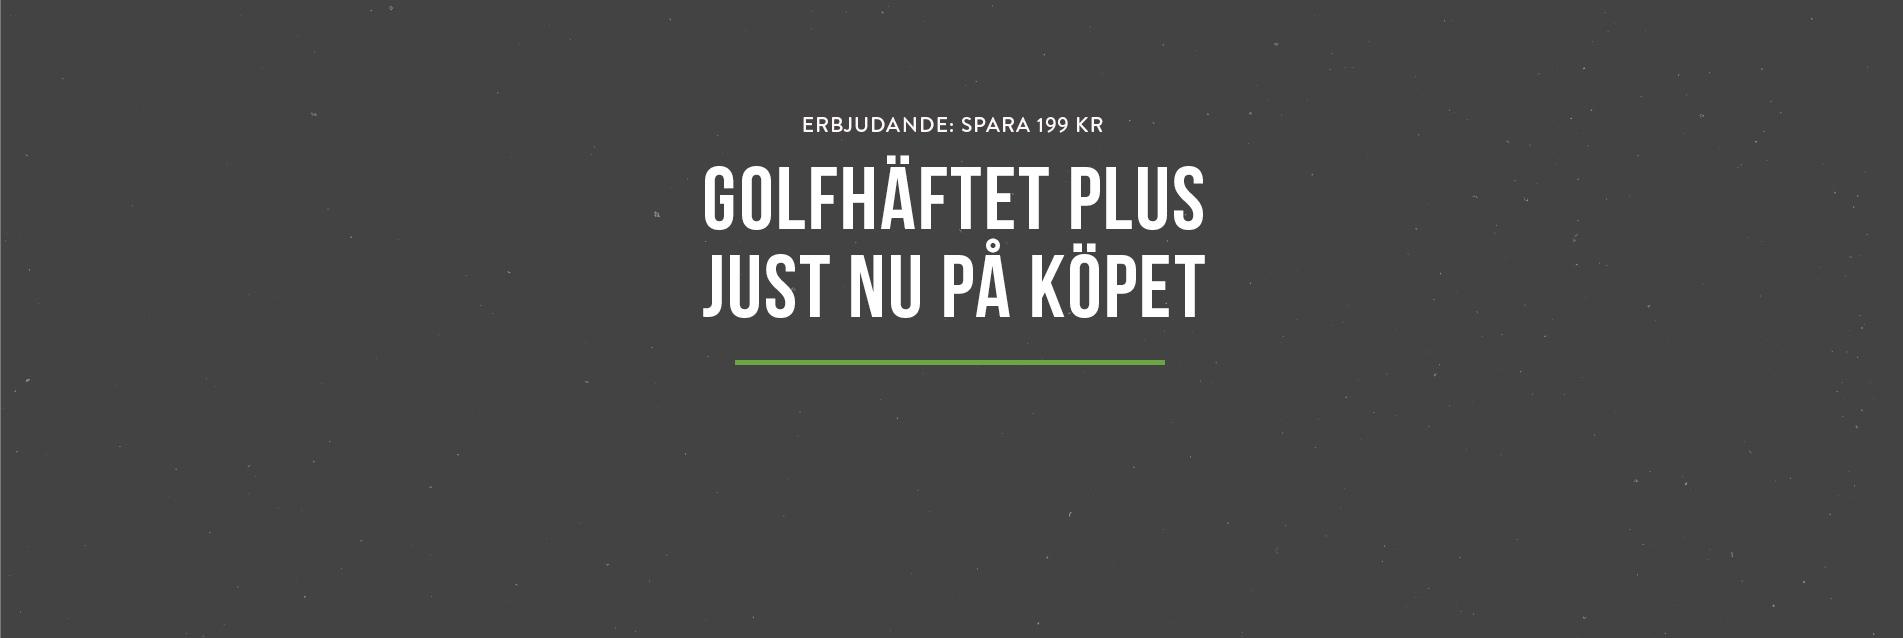 Golfhäftet Plus just nu på köpet vid köp av Golfhäftet 2020